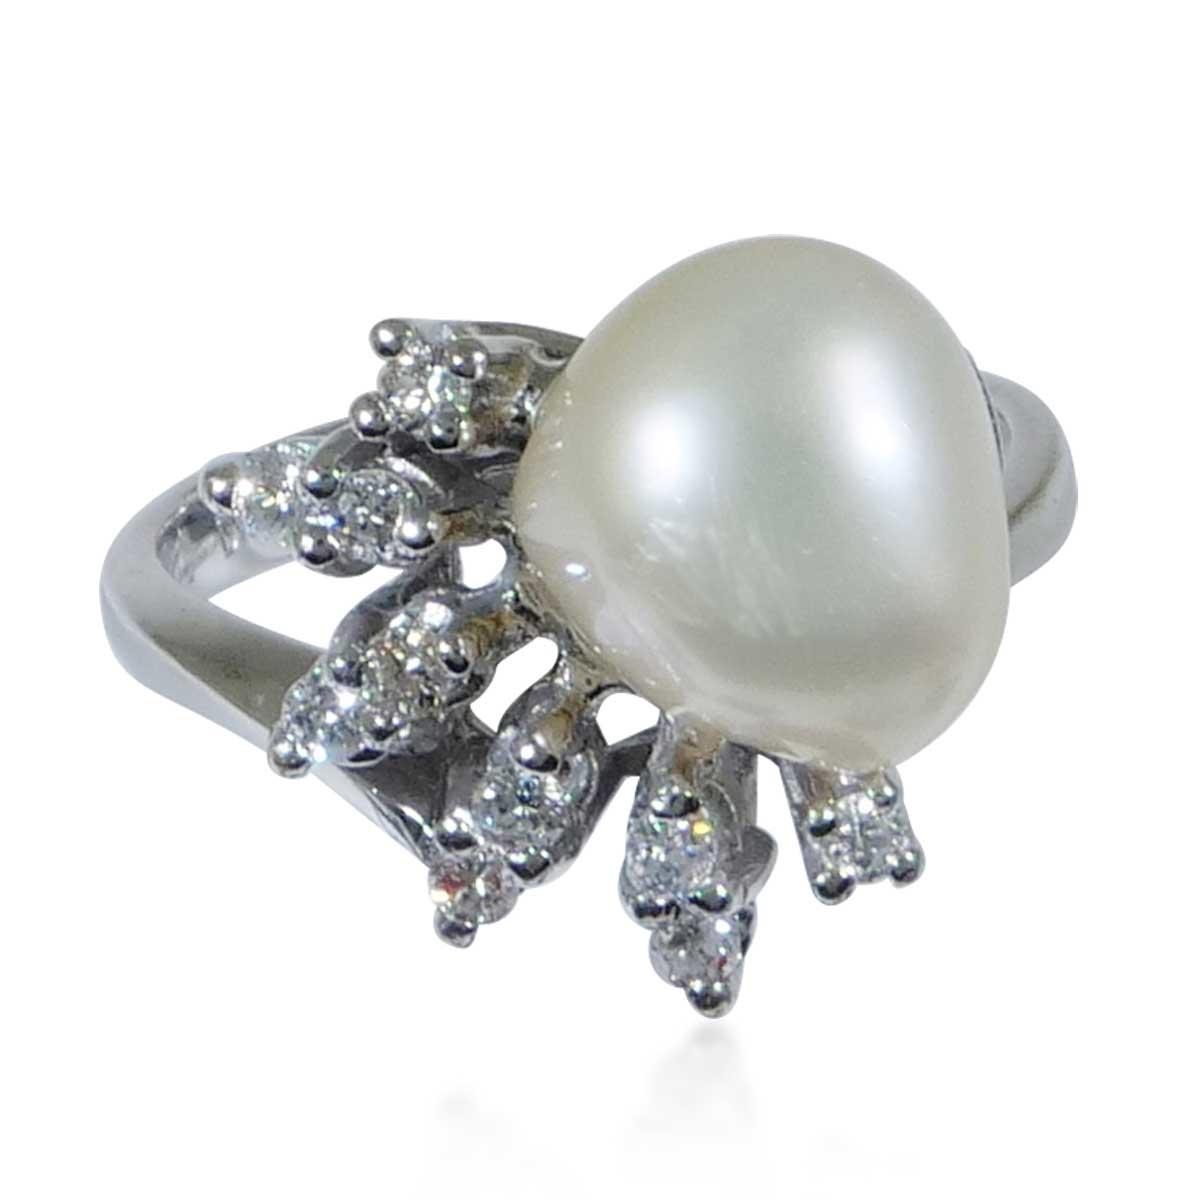 smaragd diamant wei goldring mit 1 92ct smaragd und 0 91ct diamanten krappenfassung. Black Bedroom Furniture Sets. Home Design Ideas